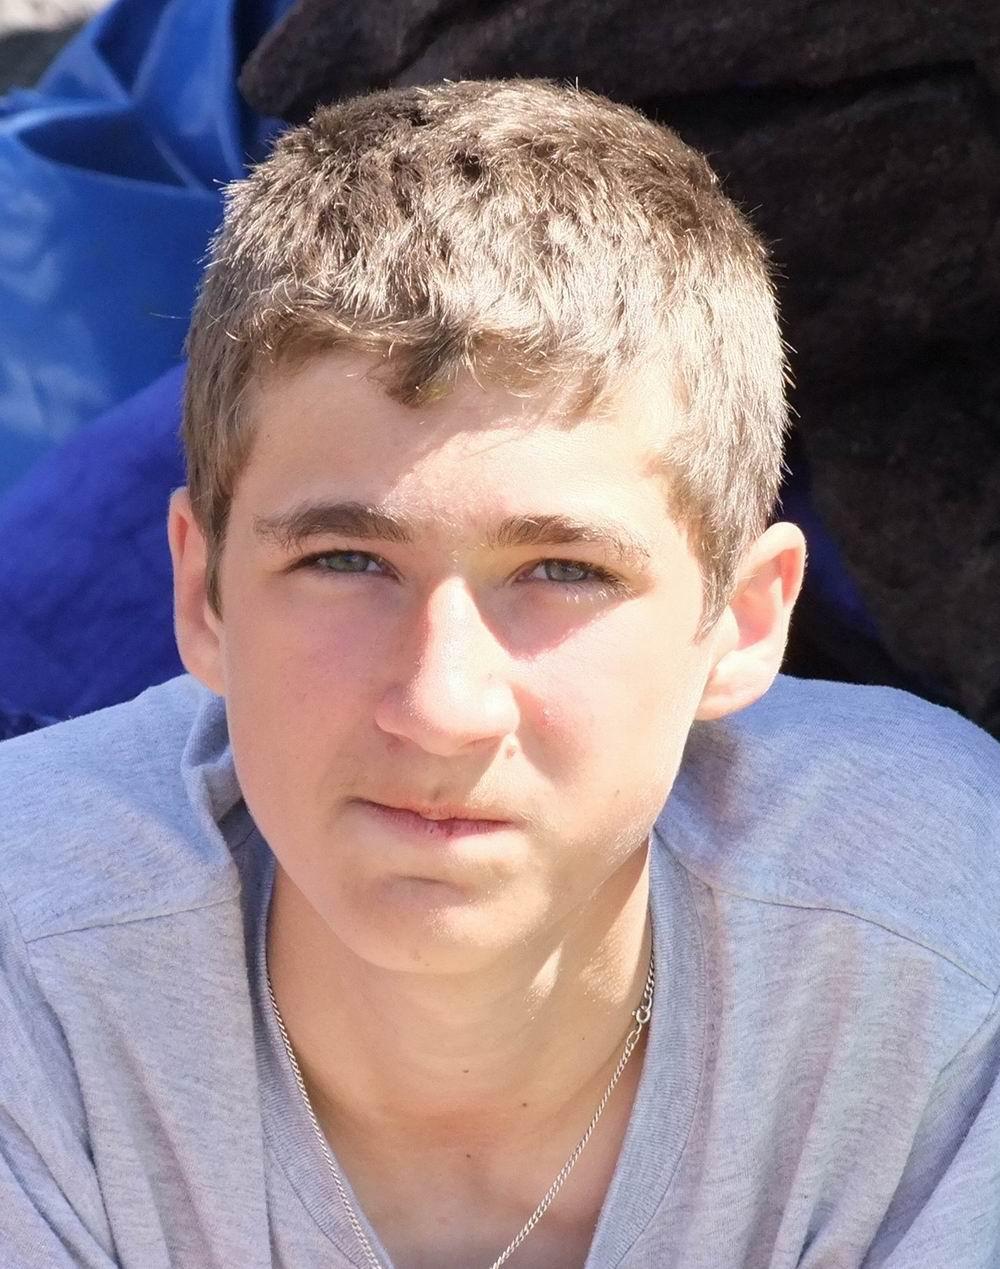 13 лет парни фото на аву